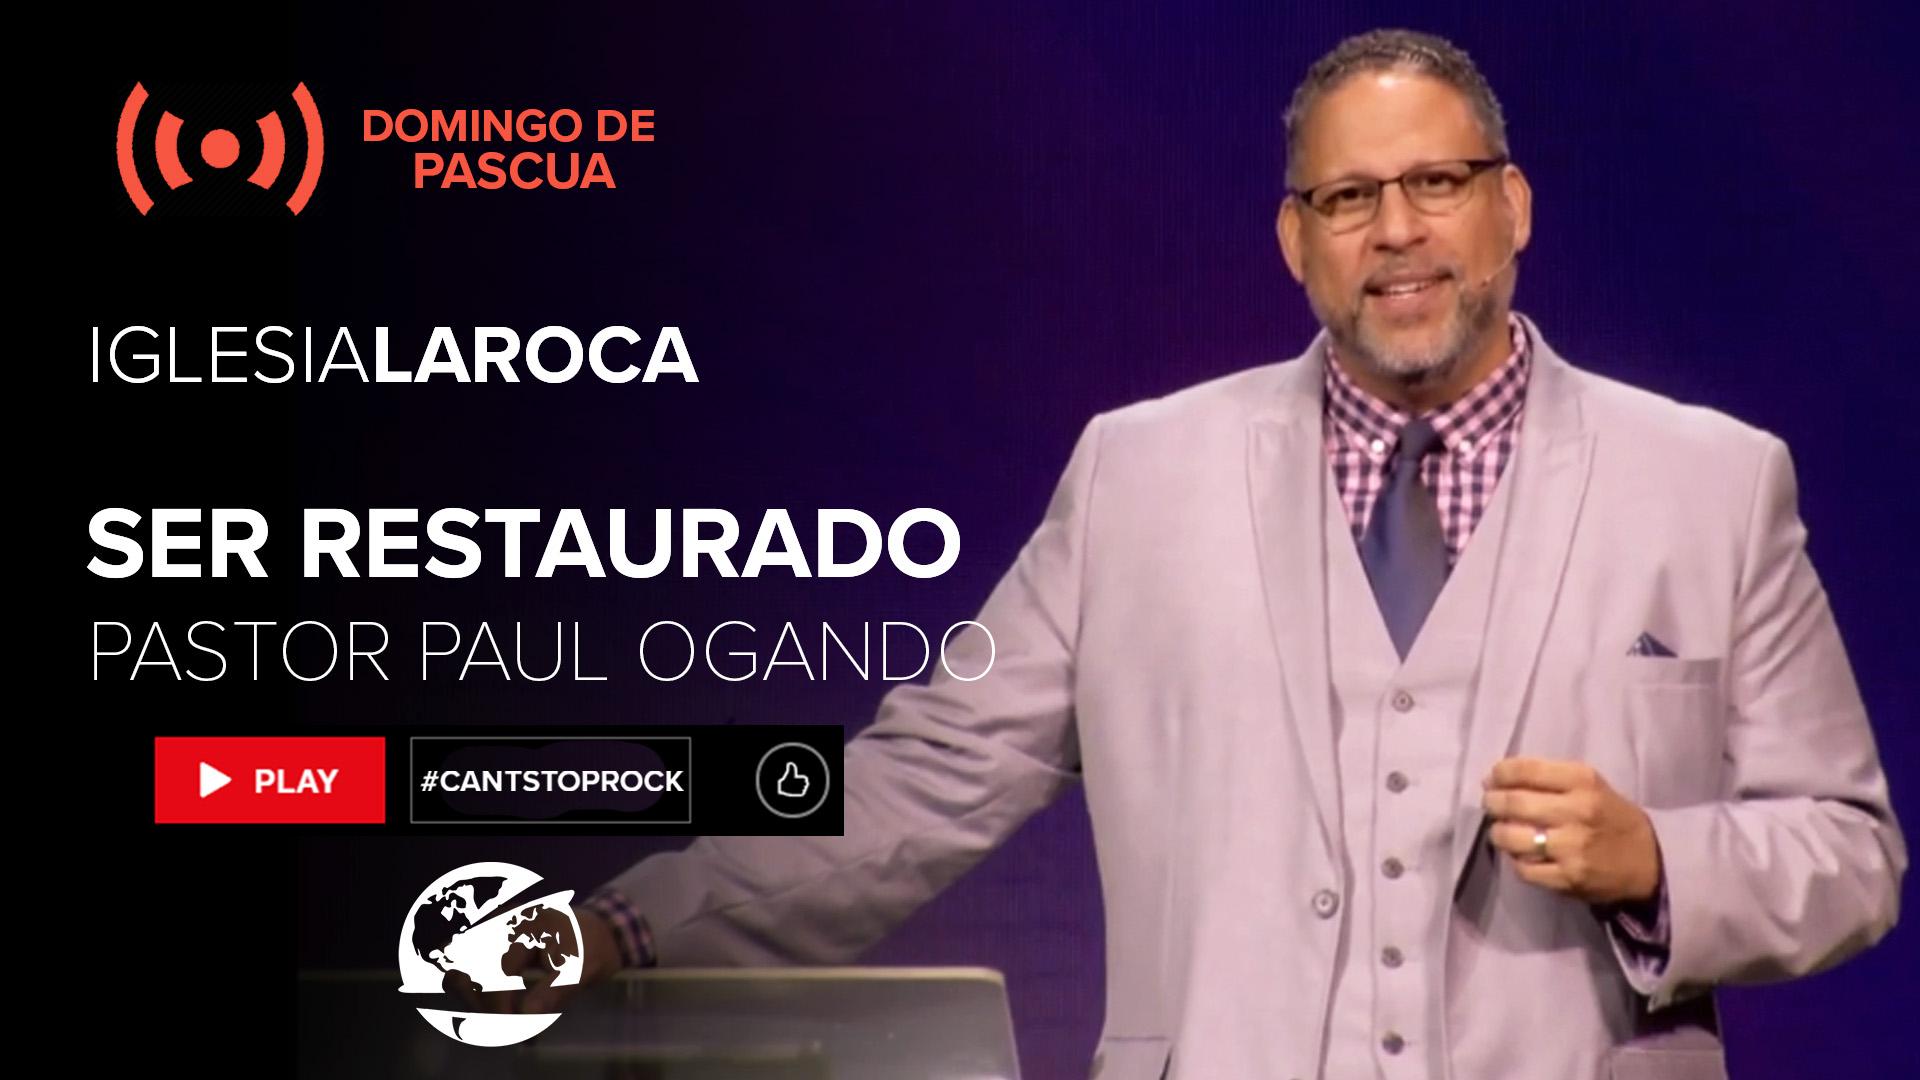 Watch Domingo de Pascua | Ser Restaurado